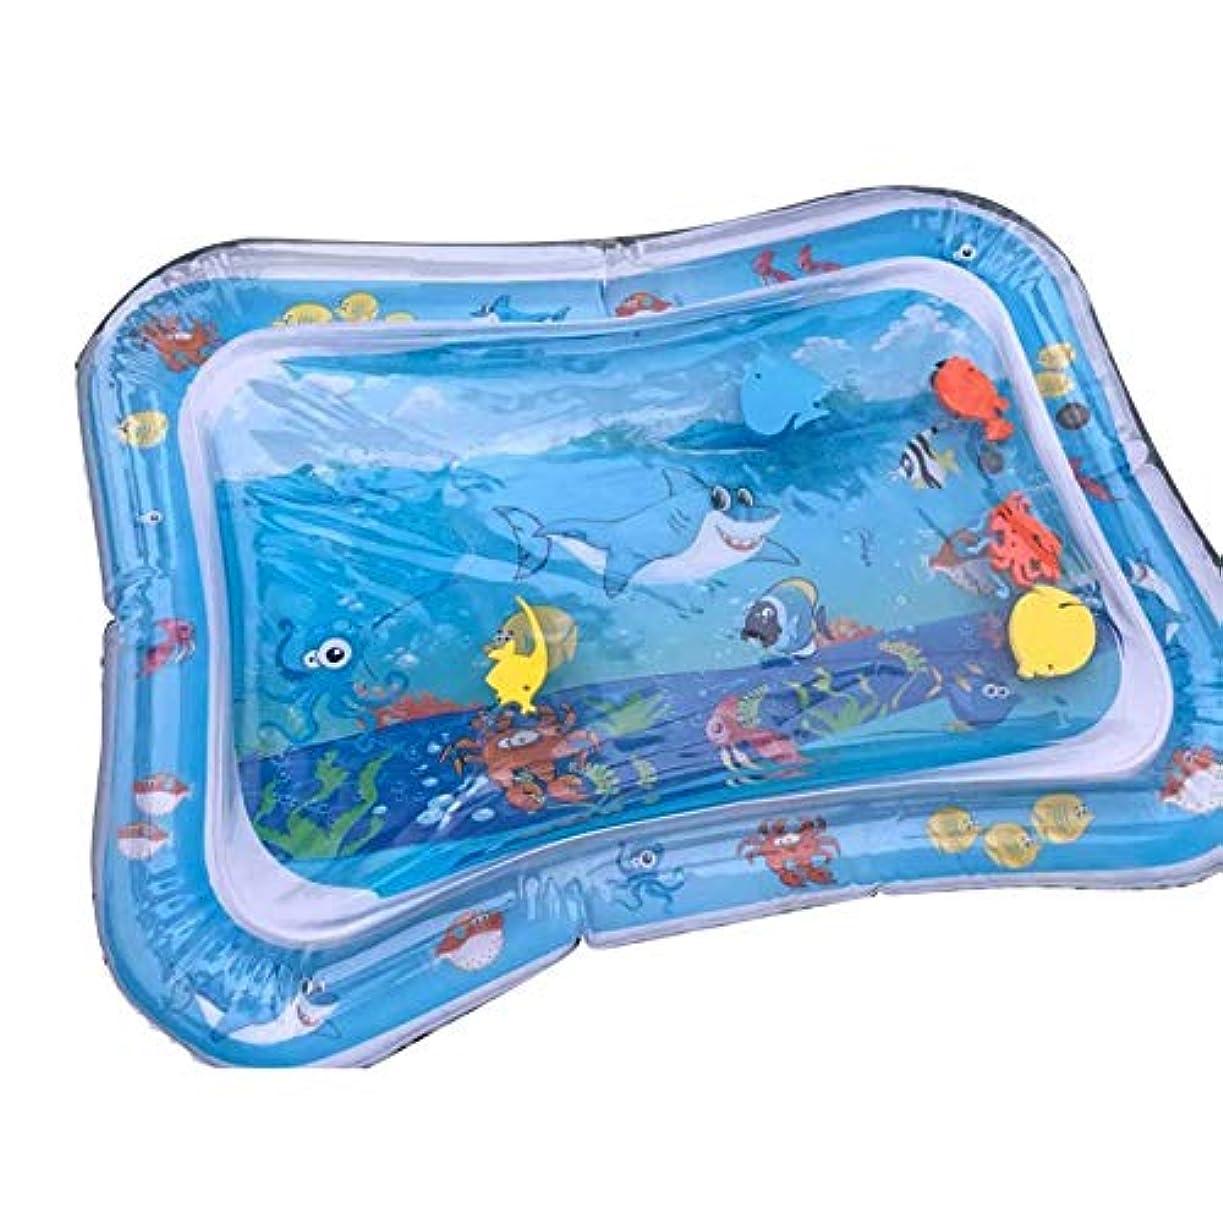 アレルギー不完全大惨事クリエイティブデュアルユース玩具ベビーインフレータブルノックパッドベビーウォーター枕前立腺水枕パットおもちゃSGS認証-ブルー